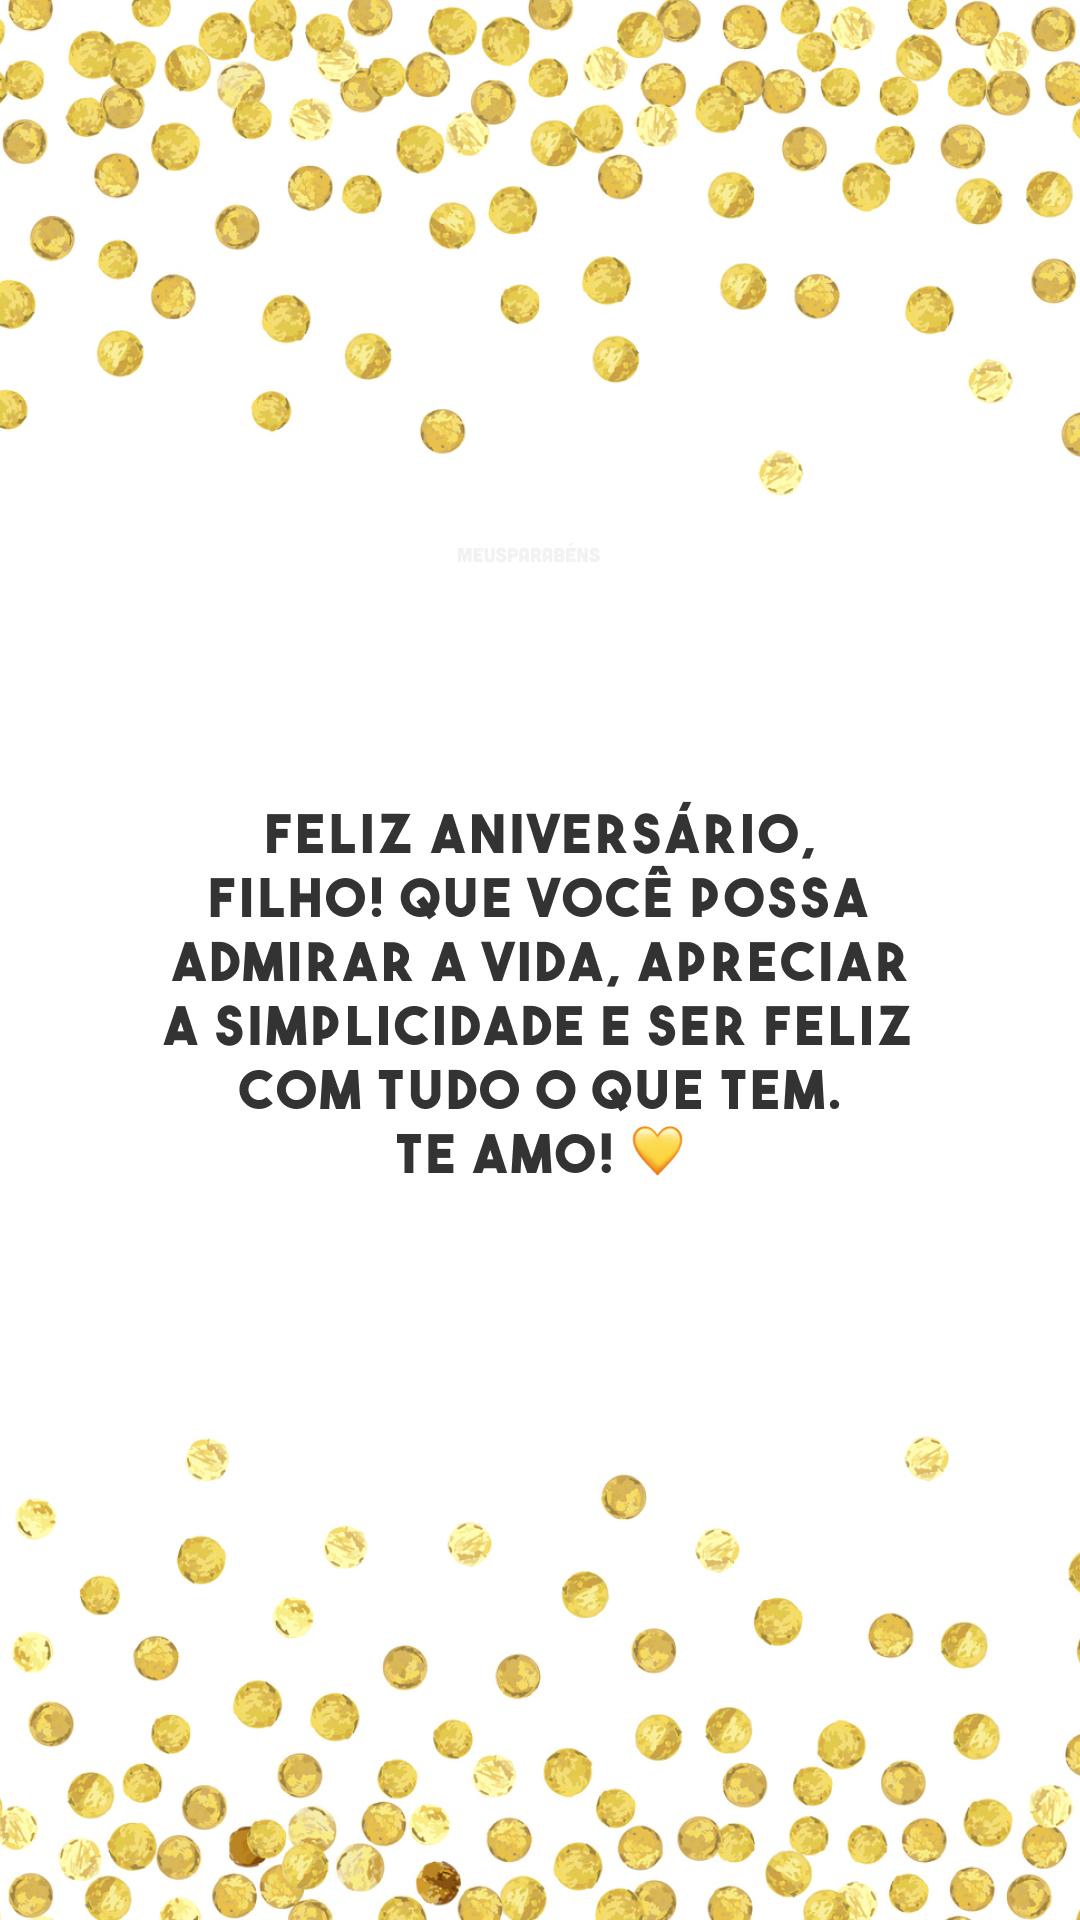 Feliz aniversário, filho! Que você possa admirar a vida, apreciar a simplicidade e ser feliz com tudo o que tem. Te amo! 💛